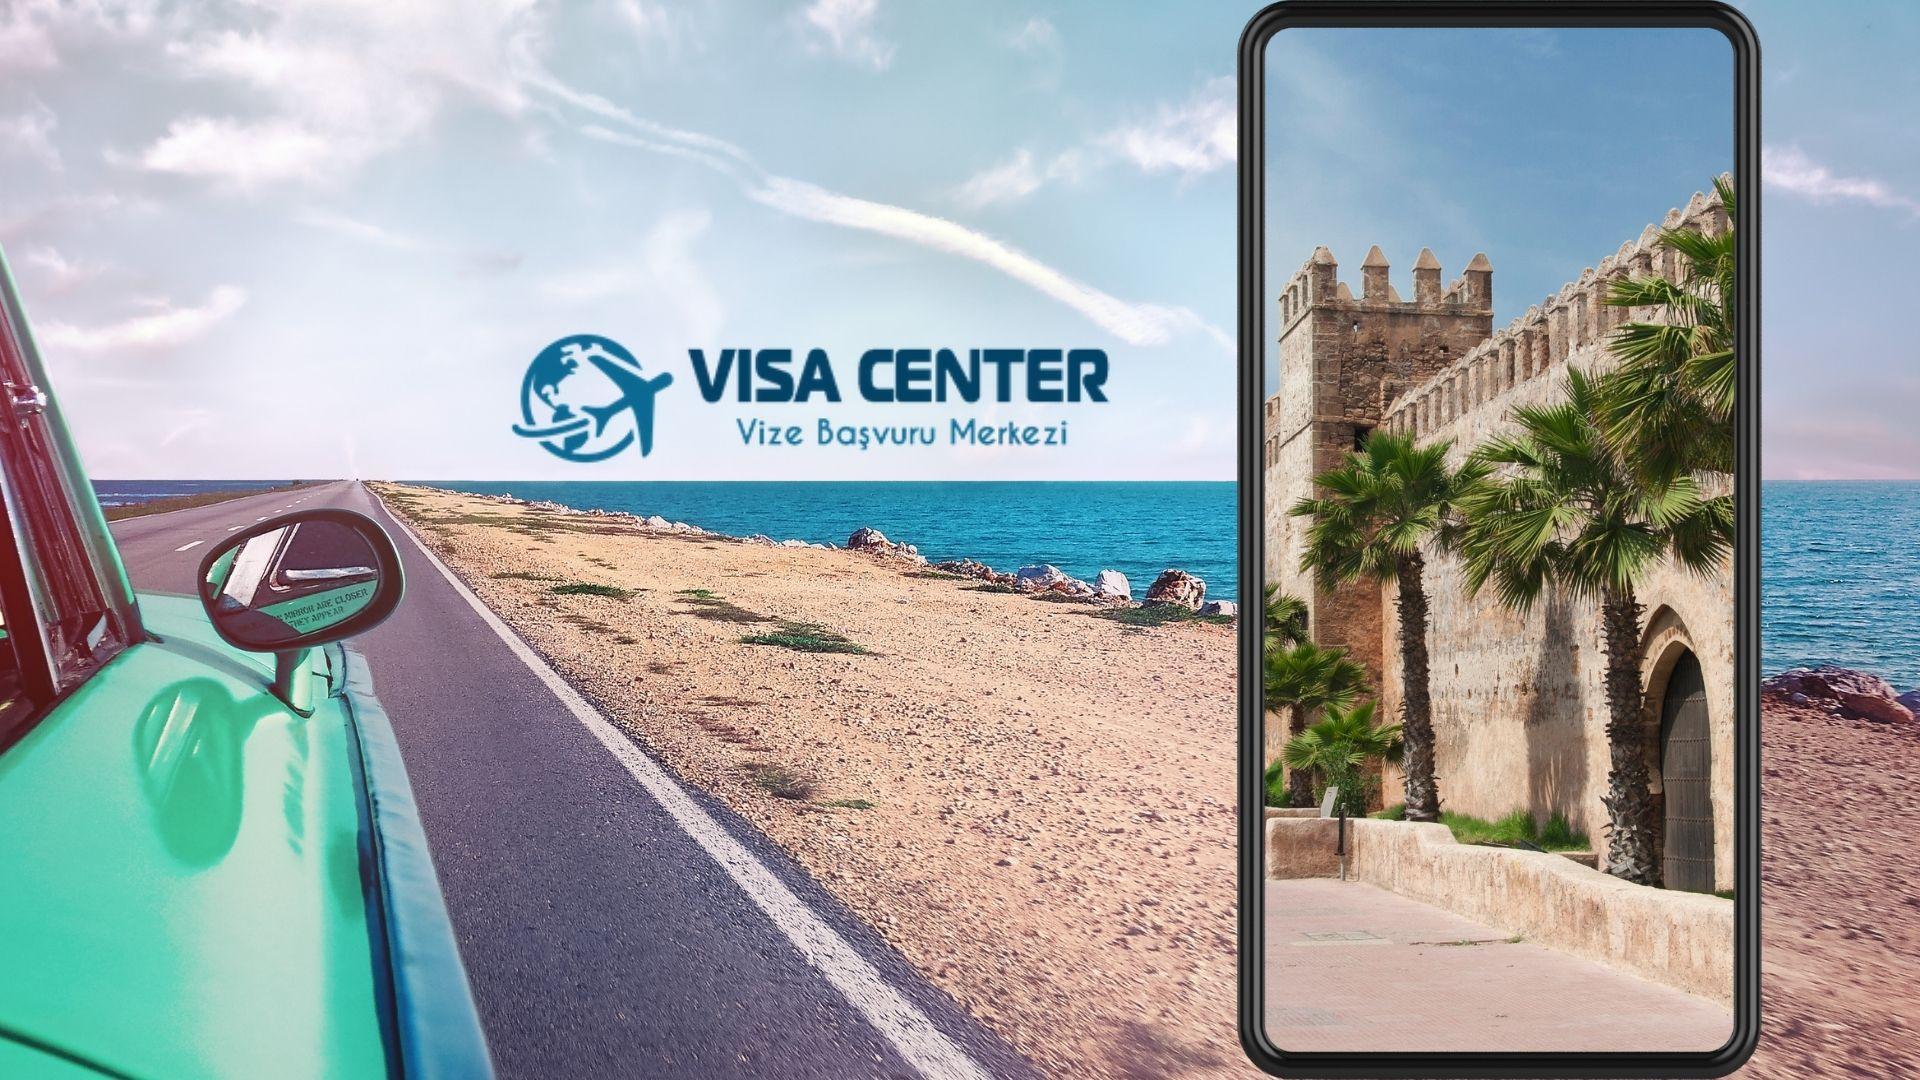 S. Arabistan Vizesi İçin Gerekli Evrak Listesi 2021